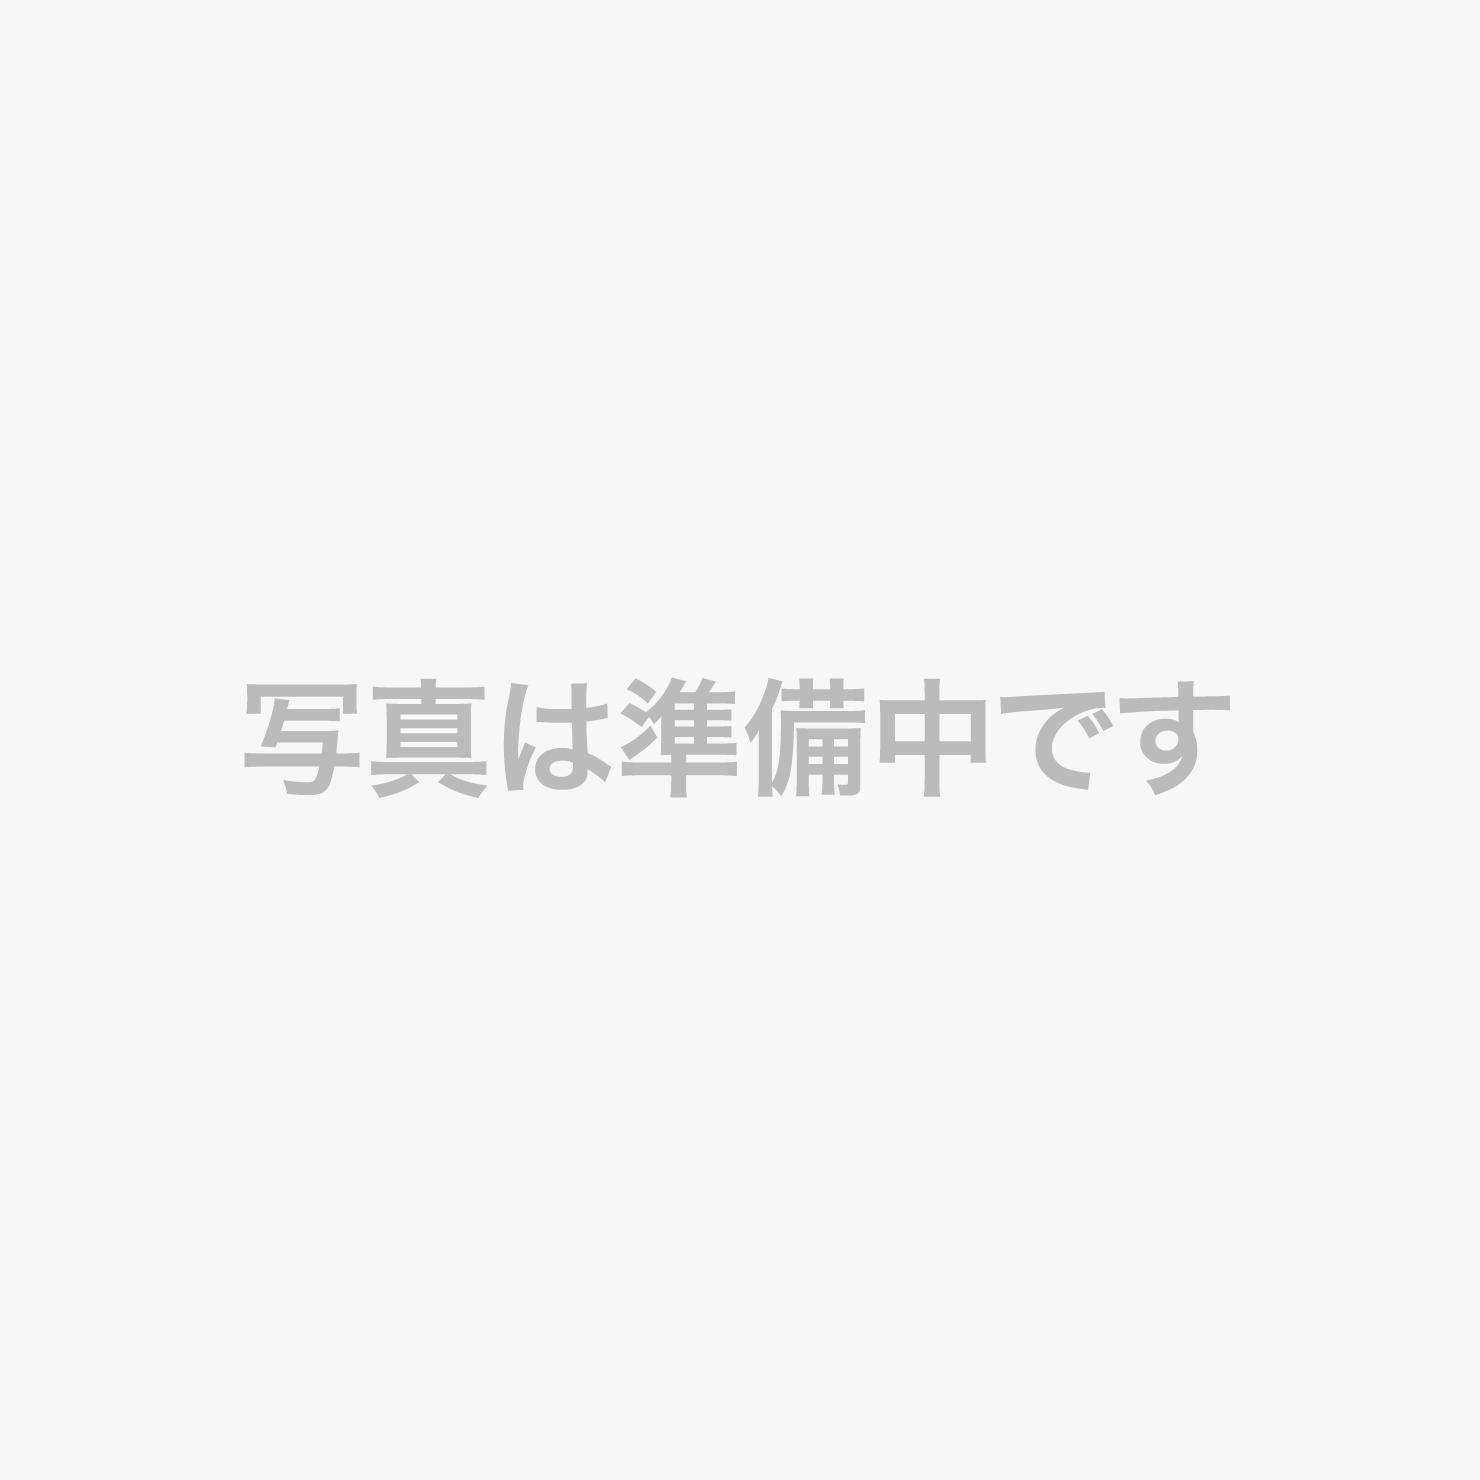 コンフォートダブル/18.4平米